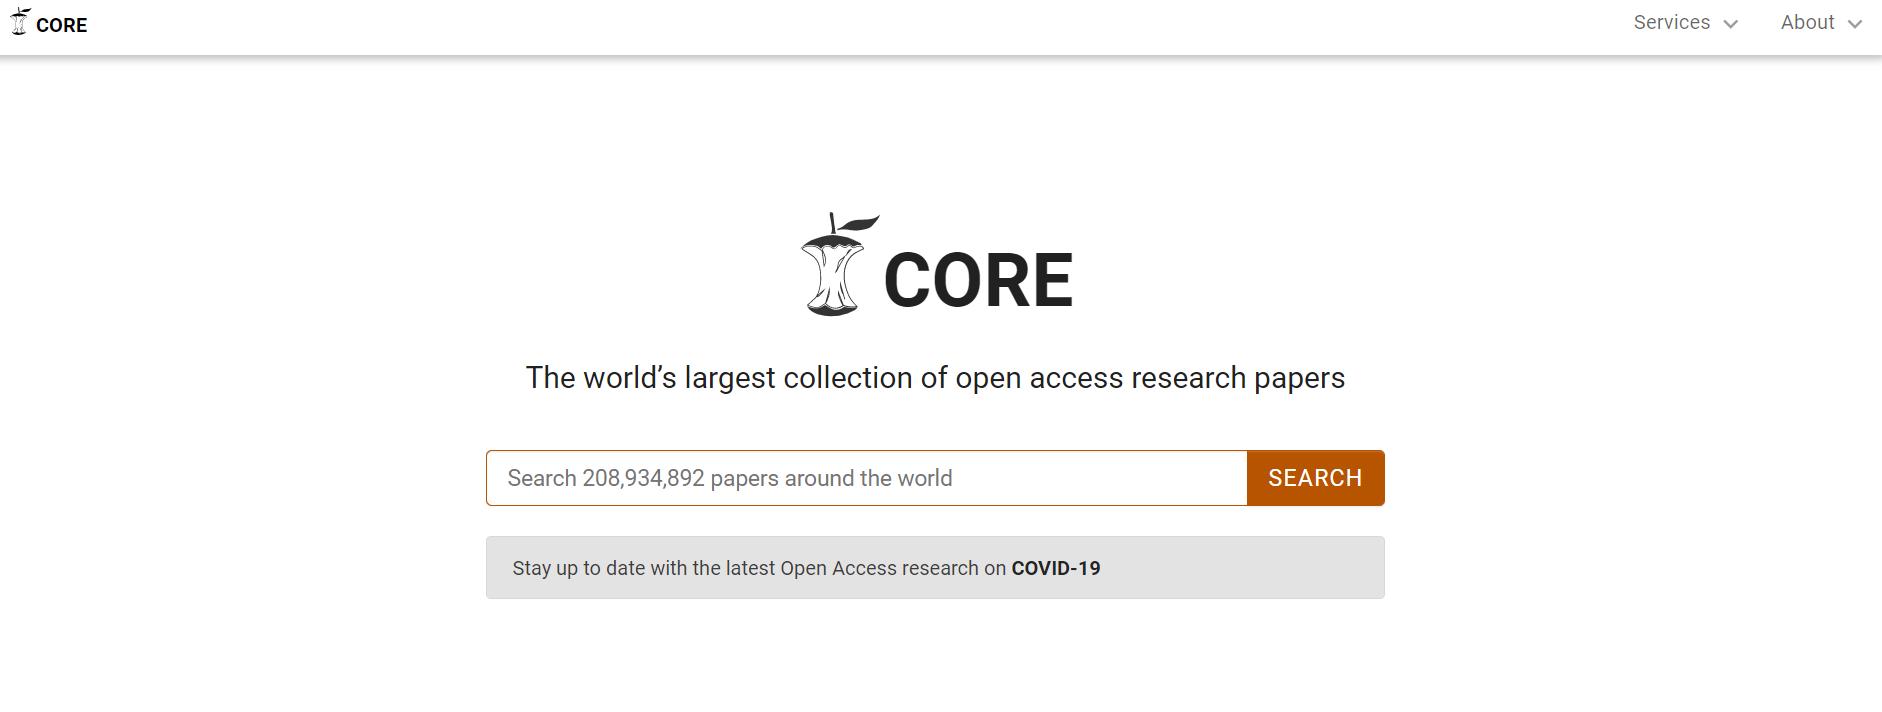 国外文献免费搜索网站-CORE